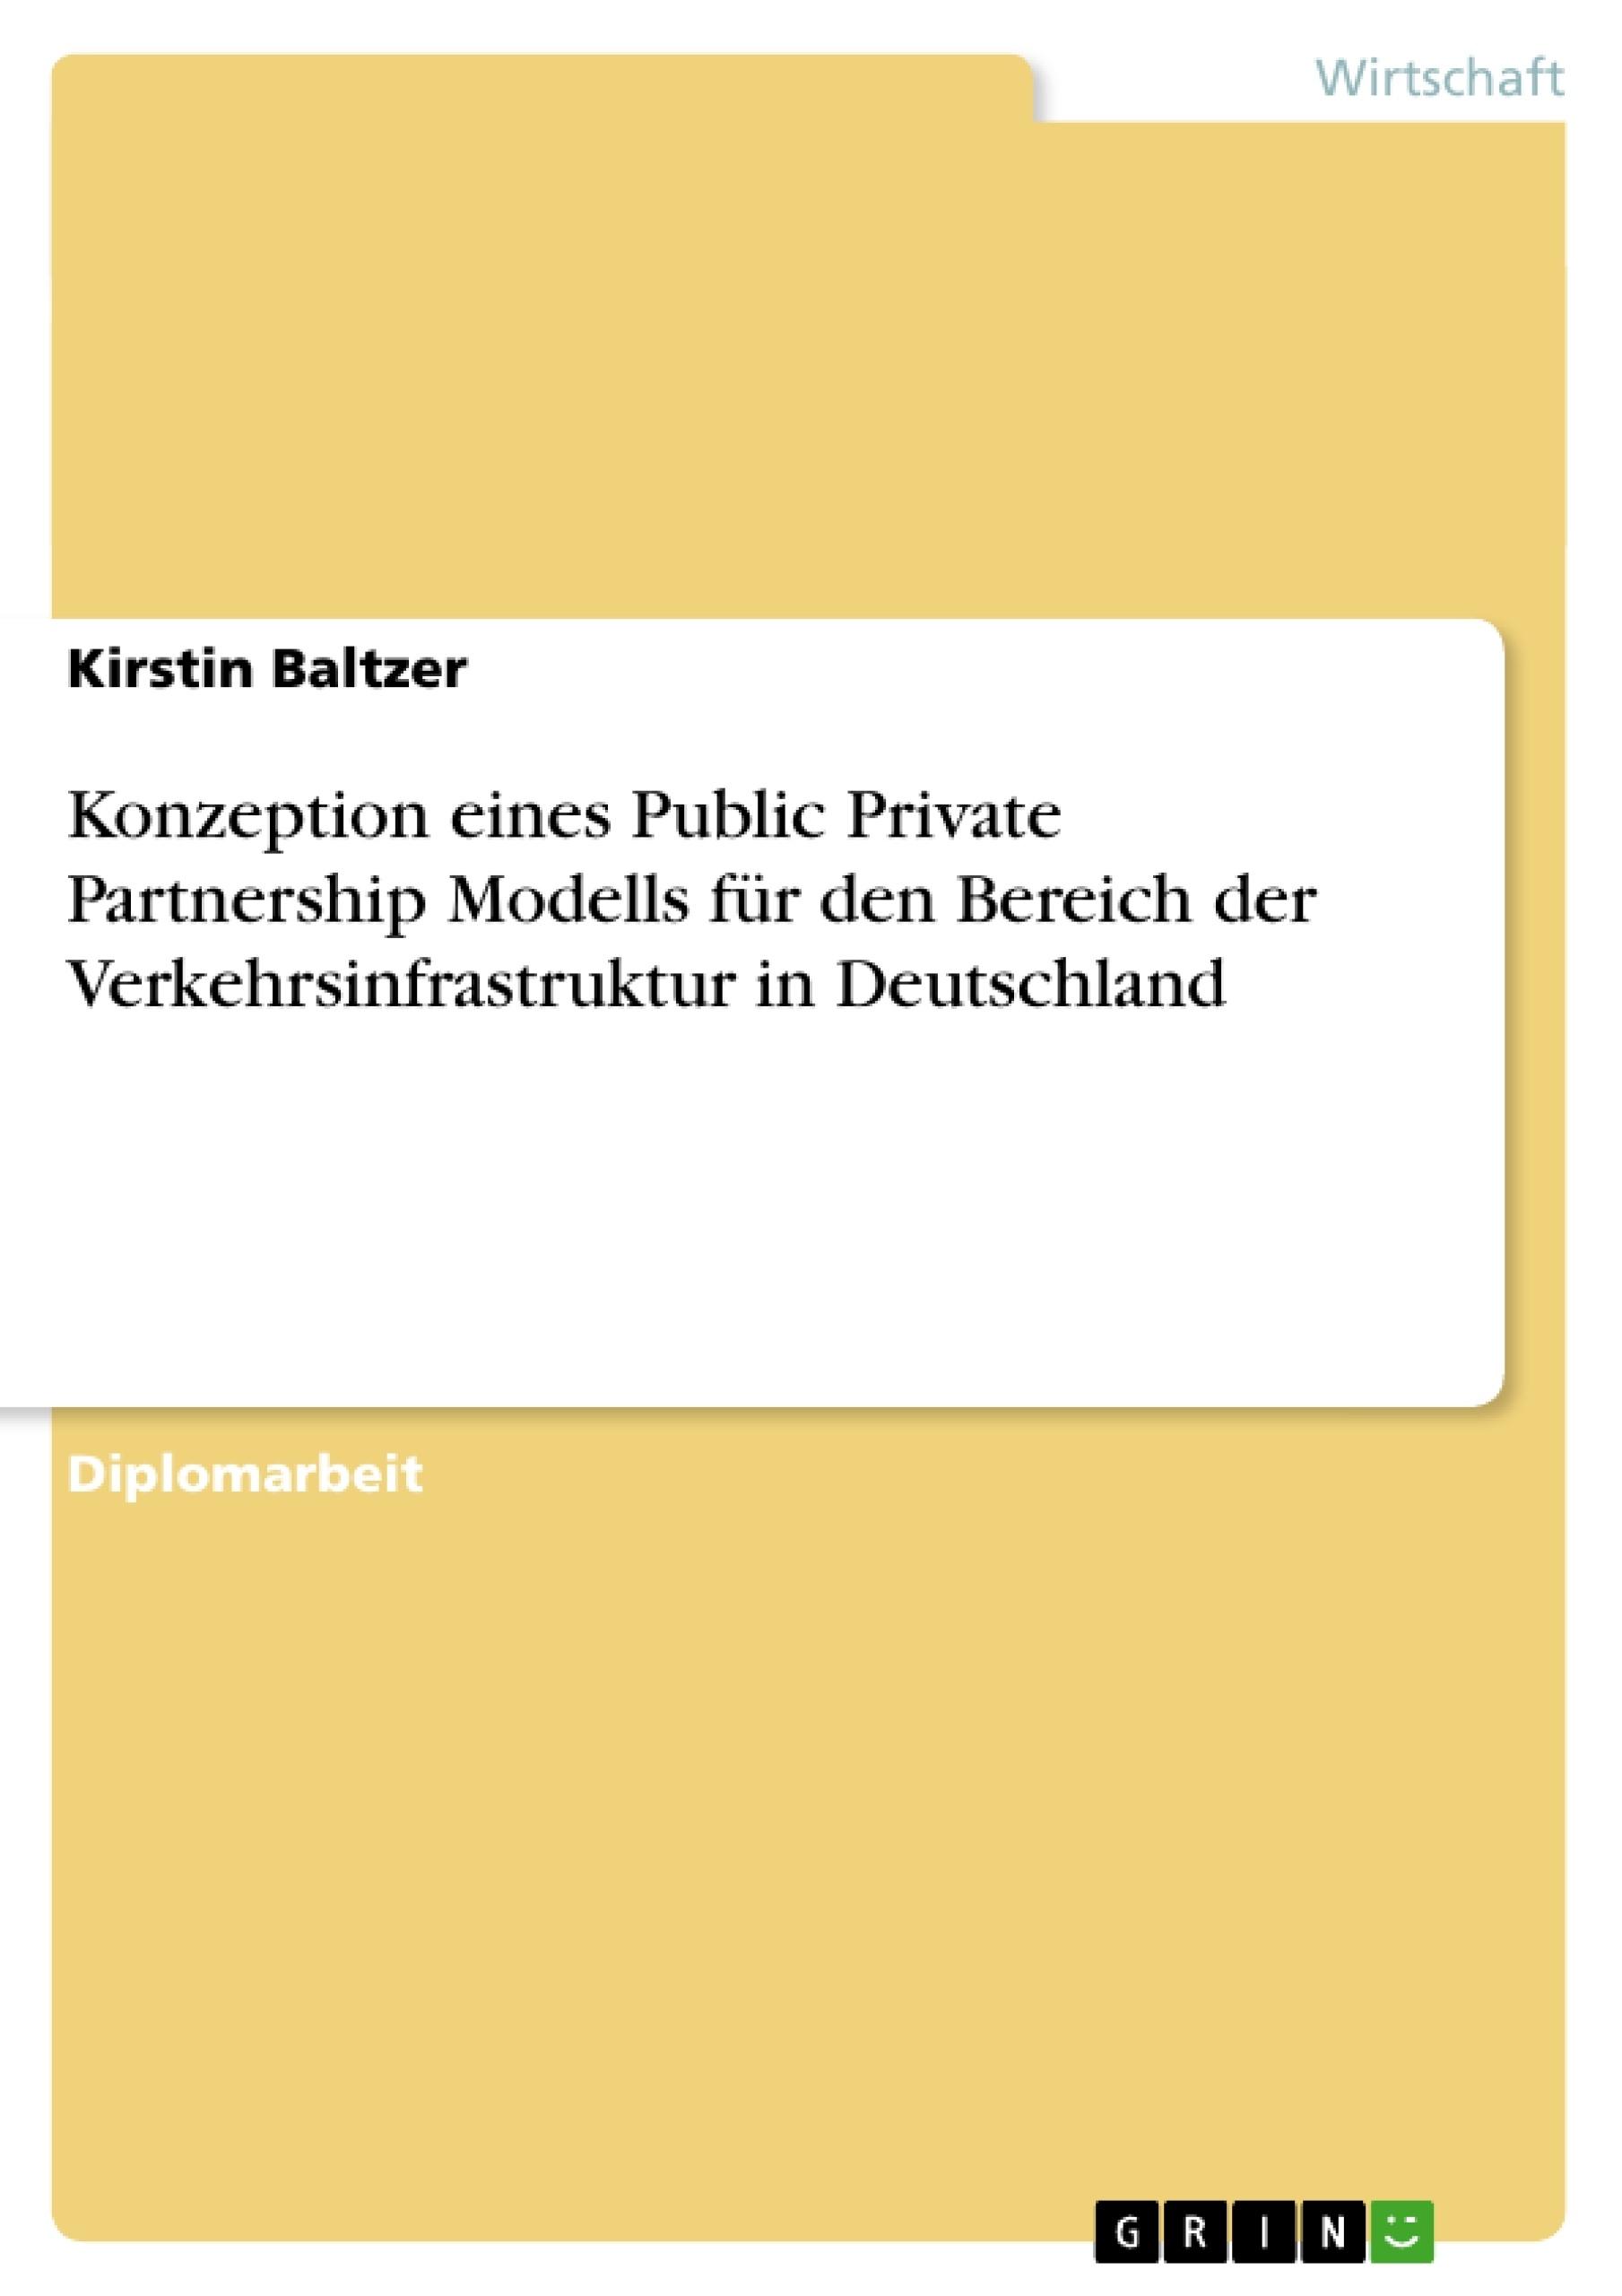 Titel: Konzeption eines Public Private Partnership Modells für den Bereich der Verkehrsinfrastruktur in Deutschland